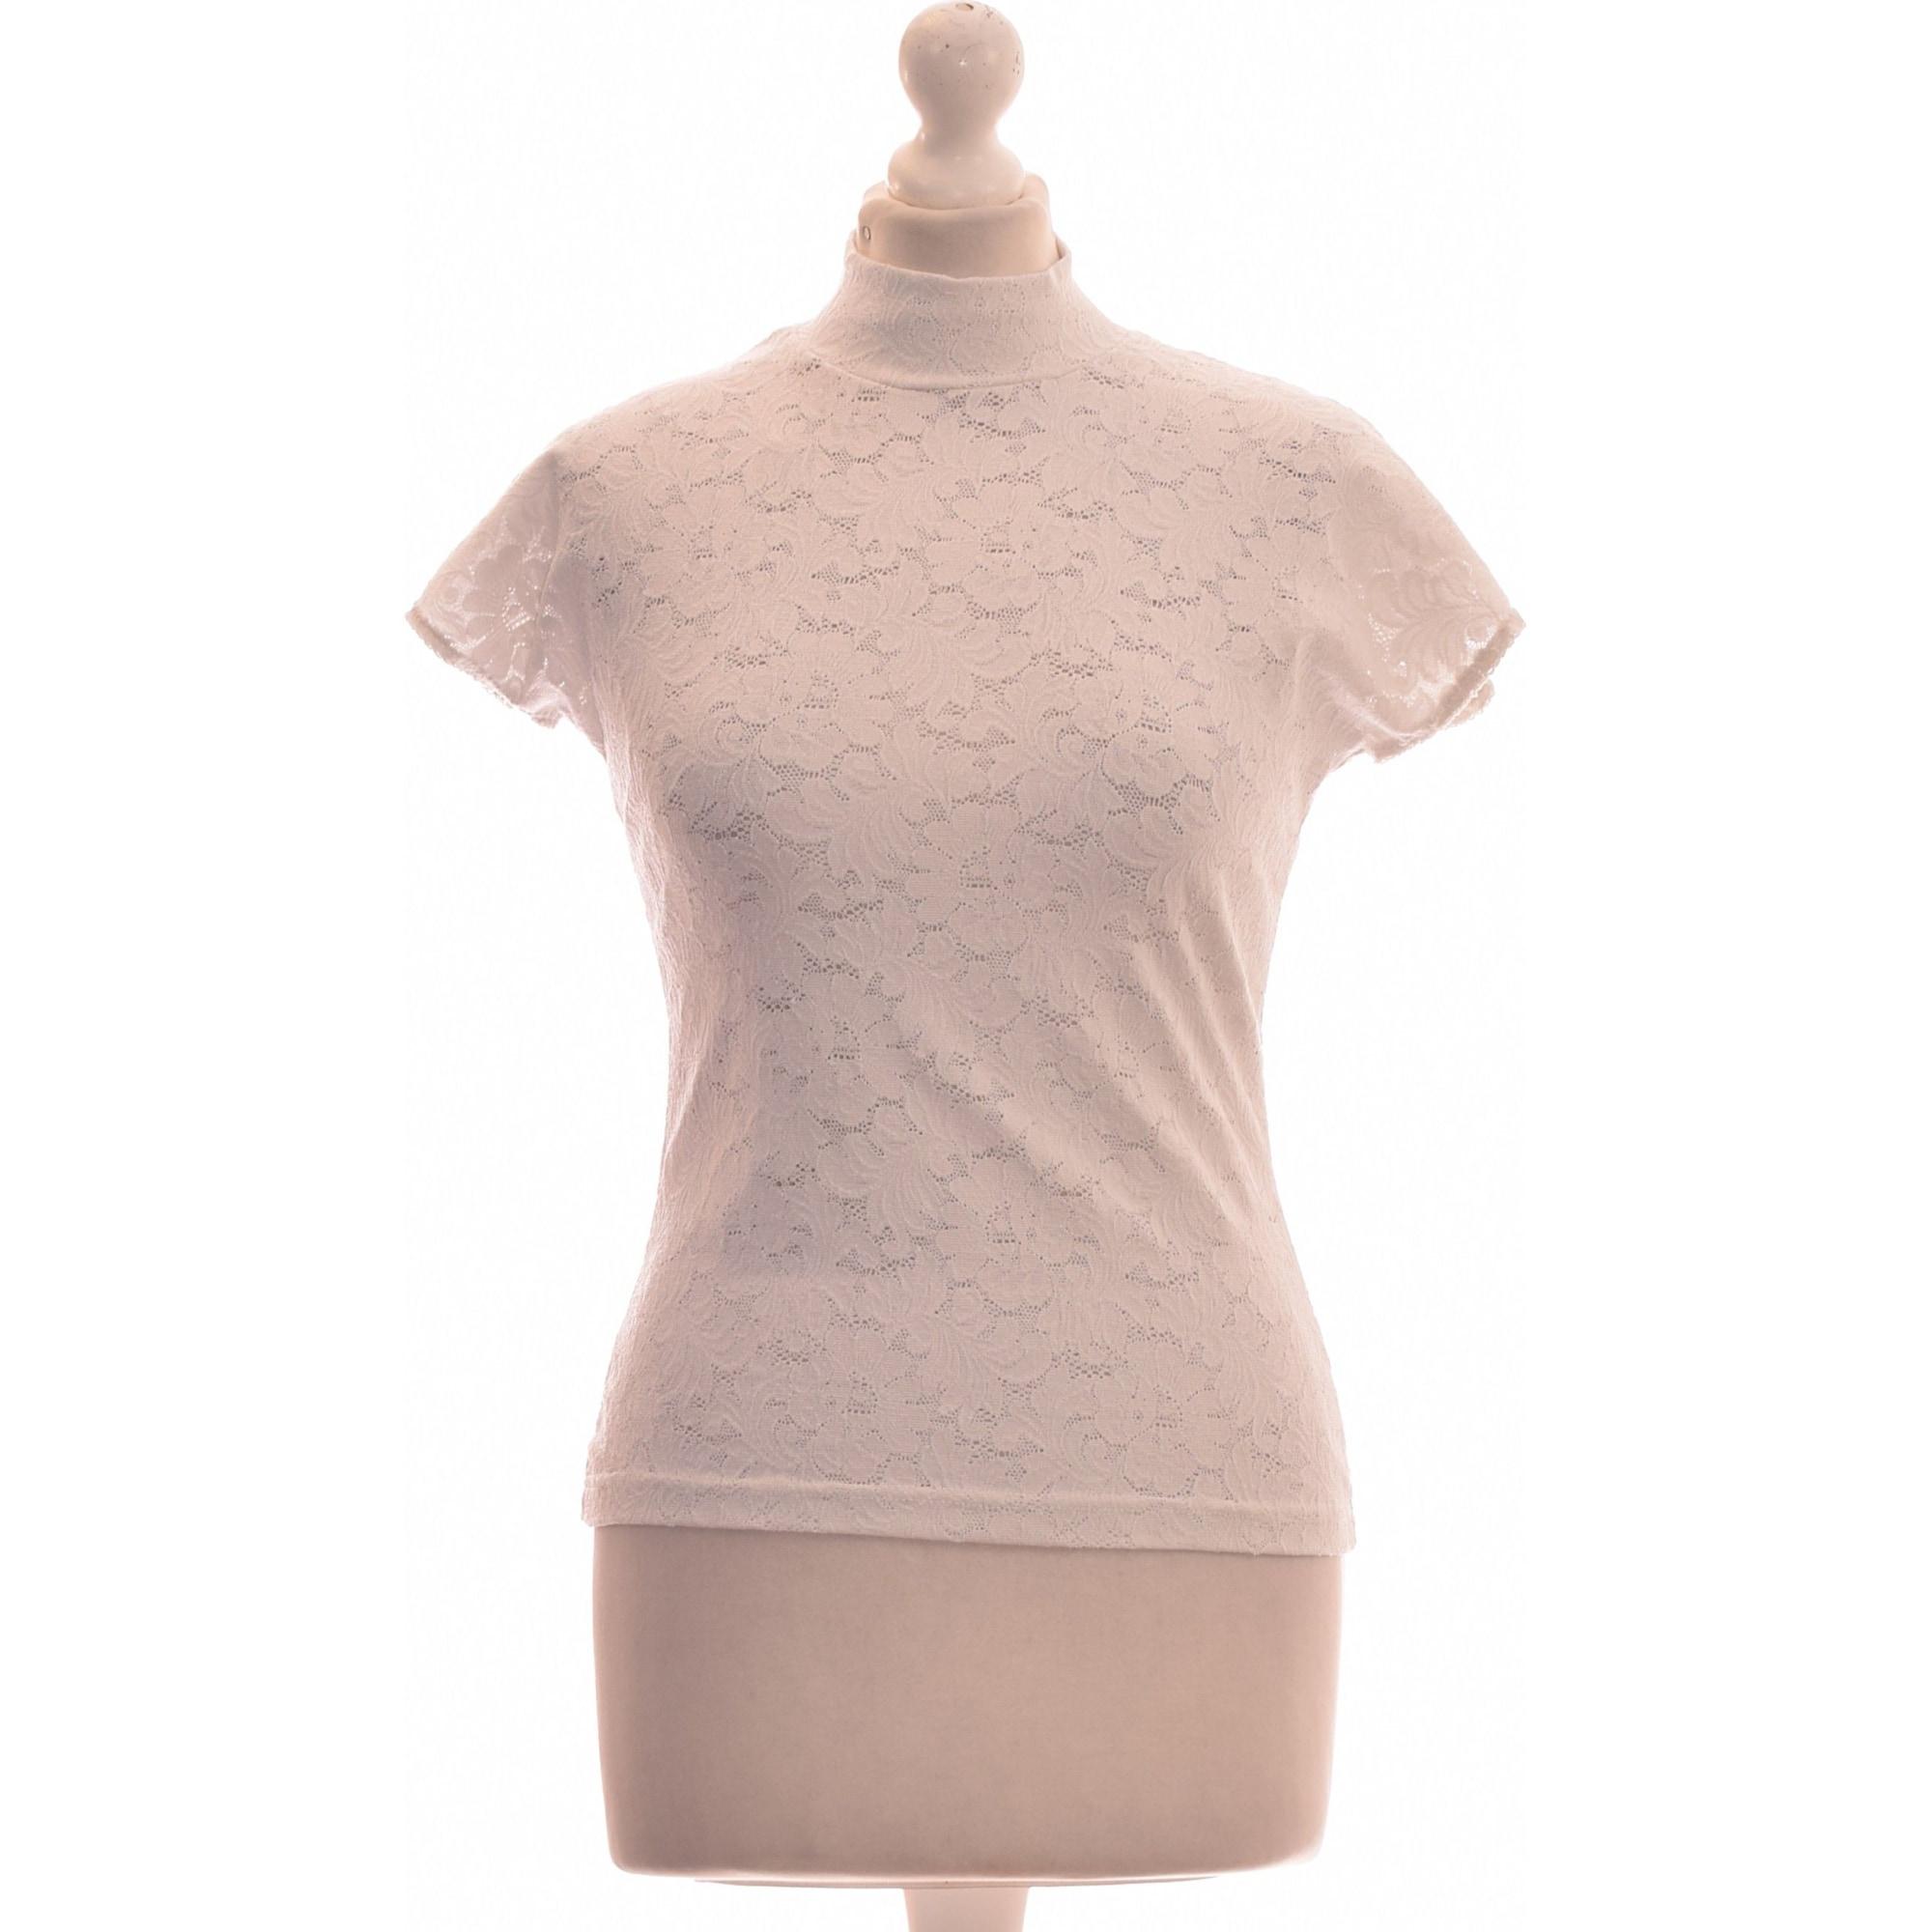 Canottiera KENZO Bianco, bianco sporco, ecru